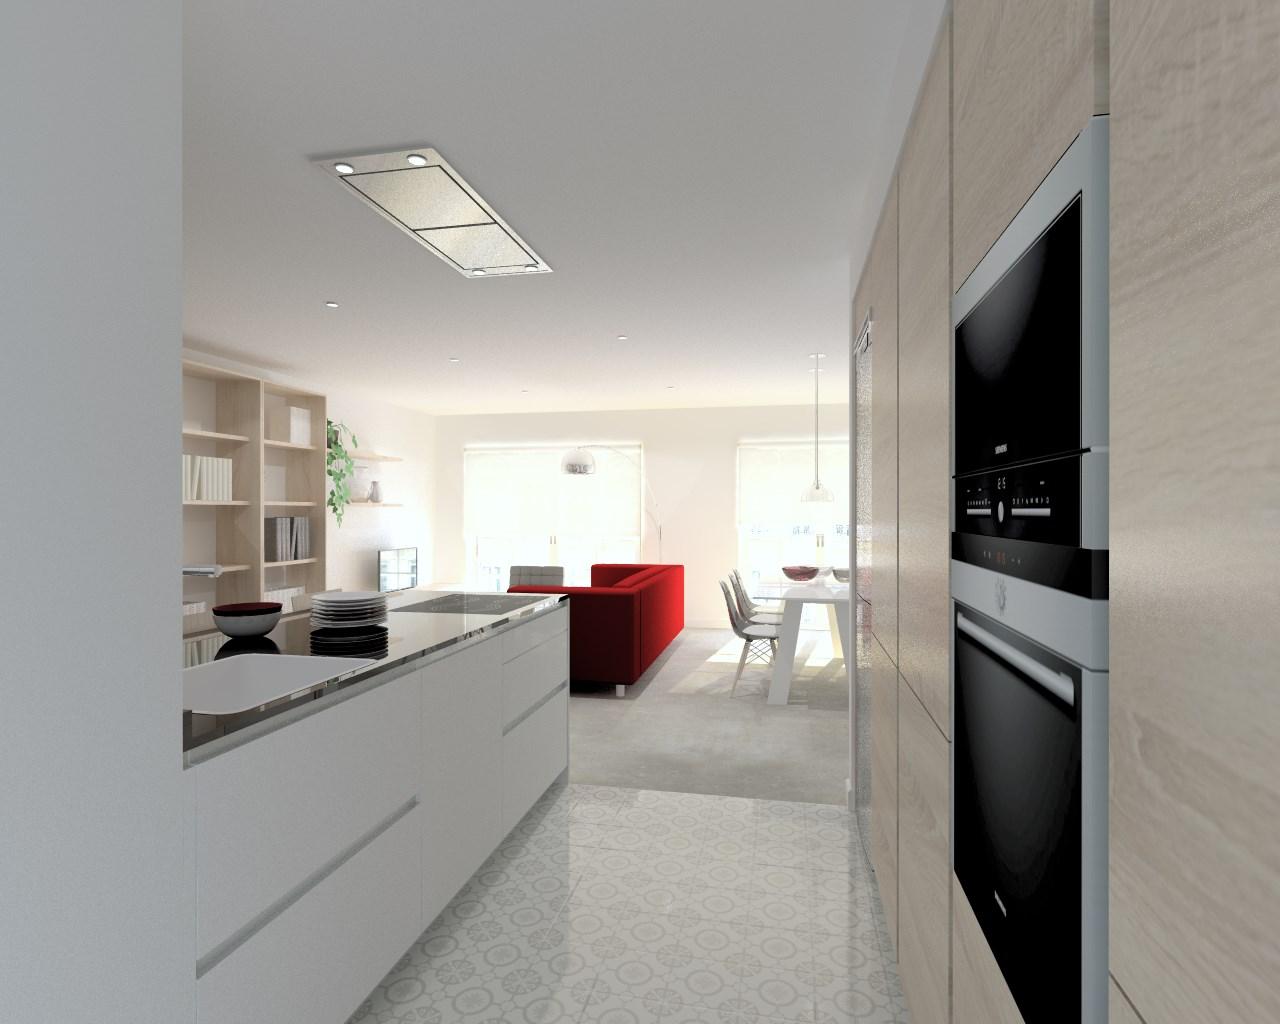 Cocina santos modelo line estratificado blanco roble for Encimera granito blanco